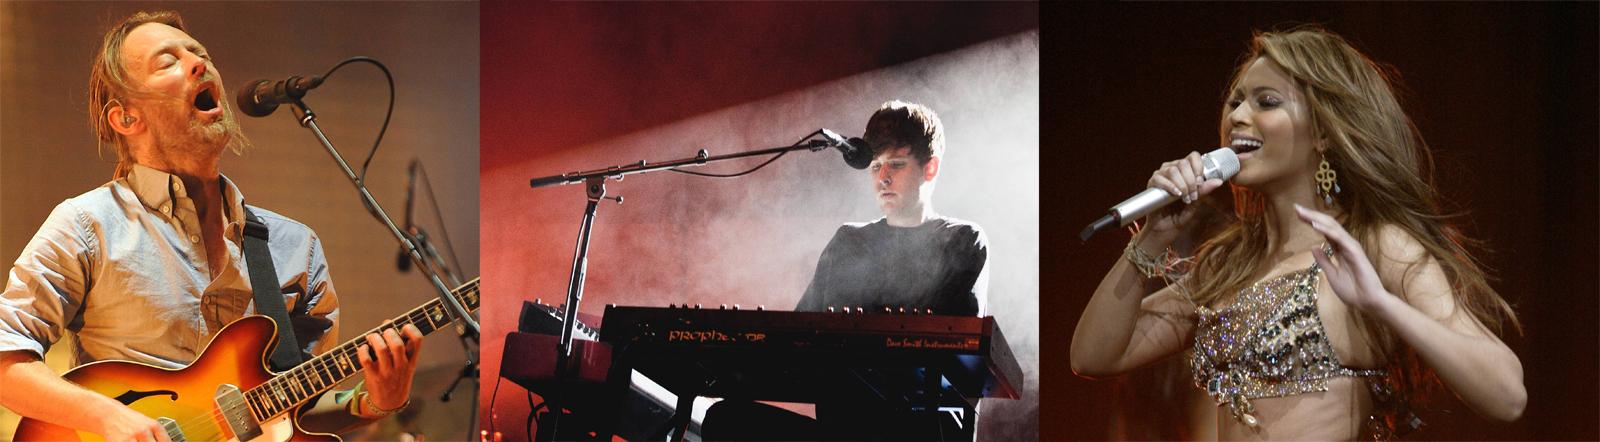 Radiohead-Sänger, James Blake und Beyonce jeweils bei Auftritten auf der bühne. Alle haben Alben rausgebracht, ohne das vorher anzukündigen. Sogenannte Surprise Releases